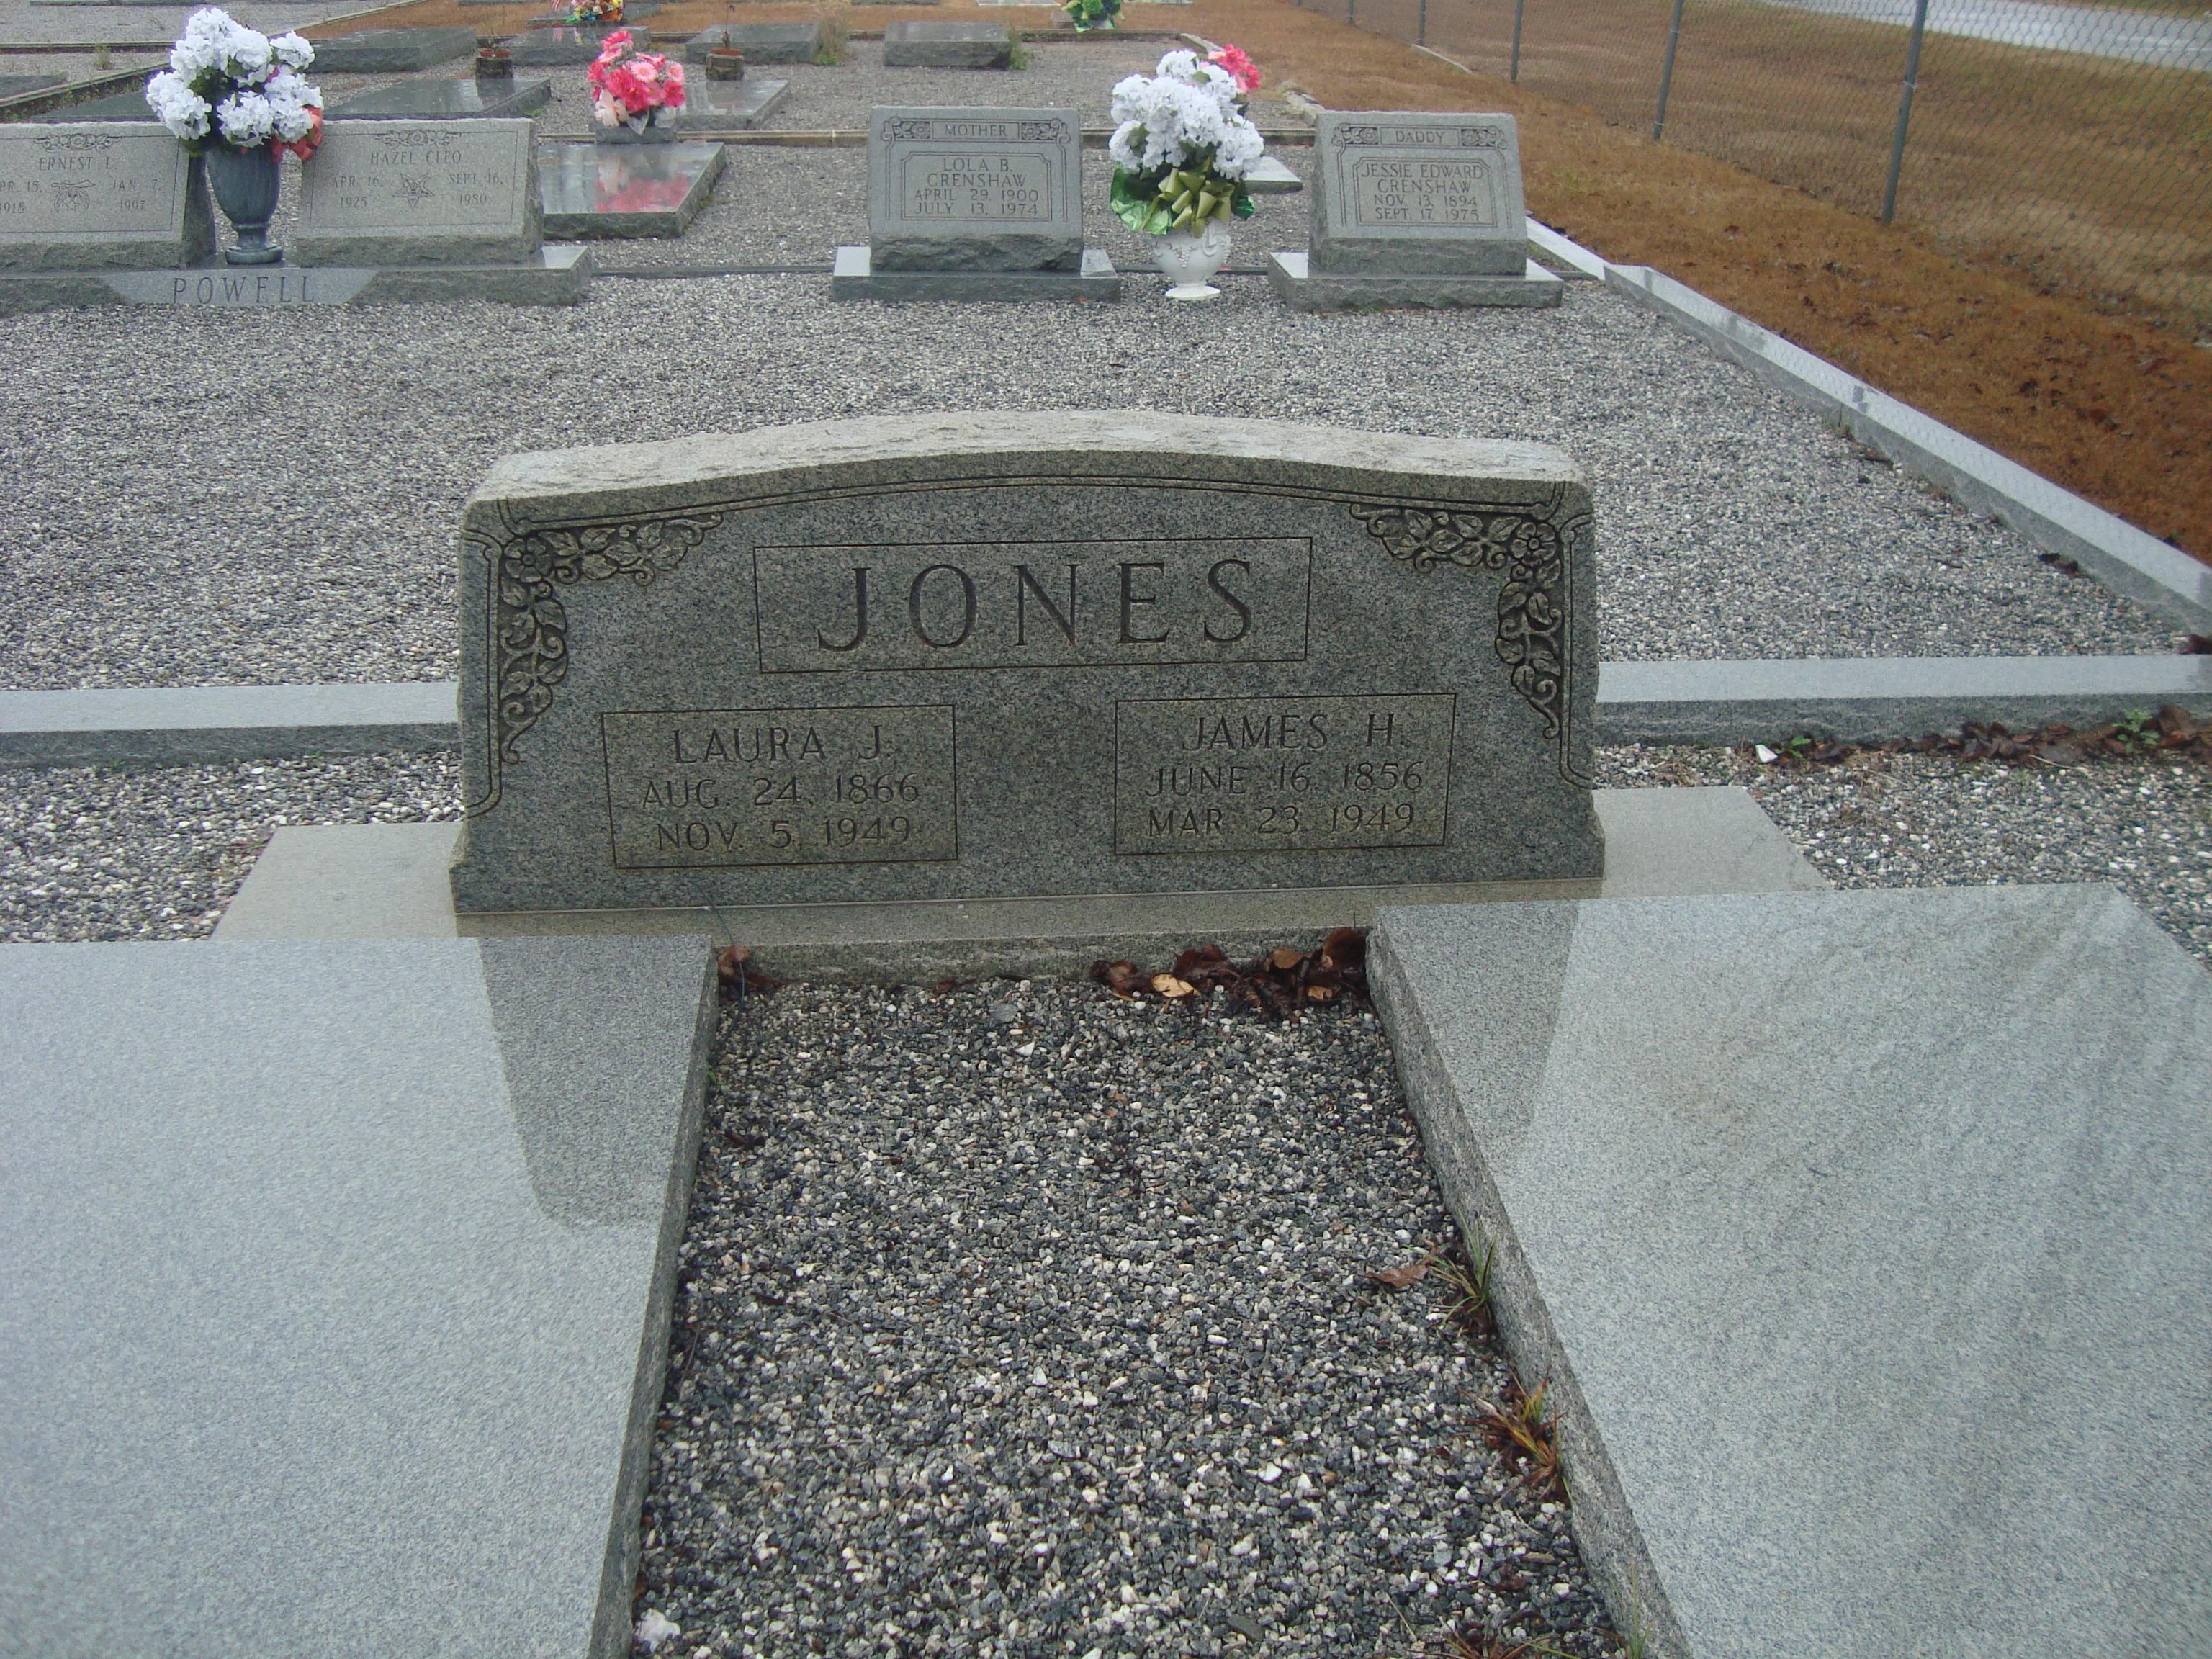 James Hayden Jones